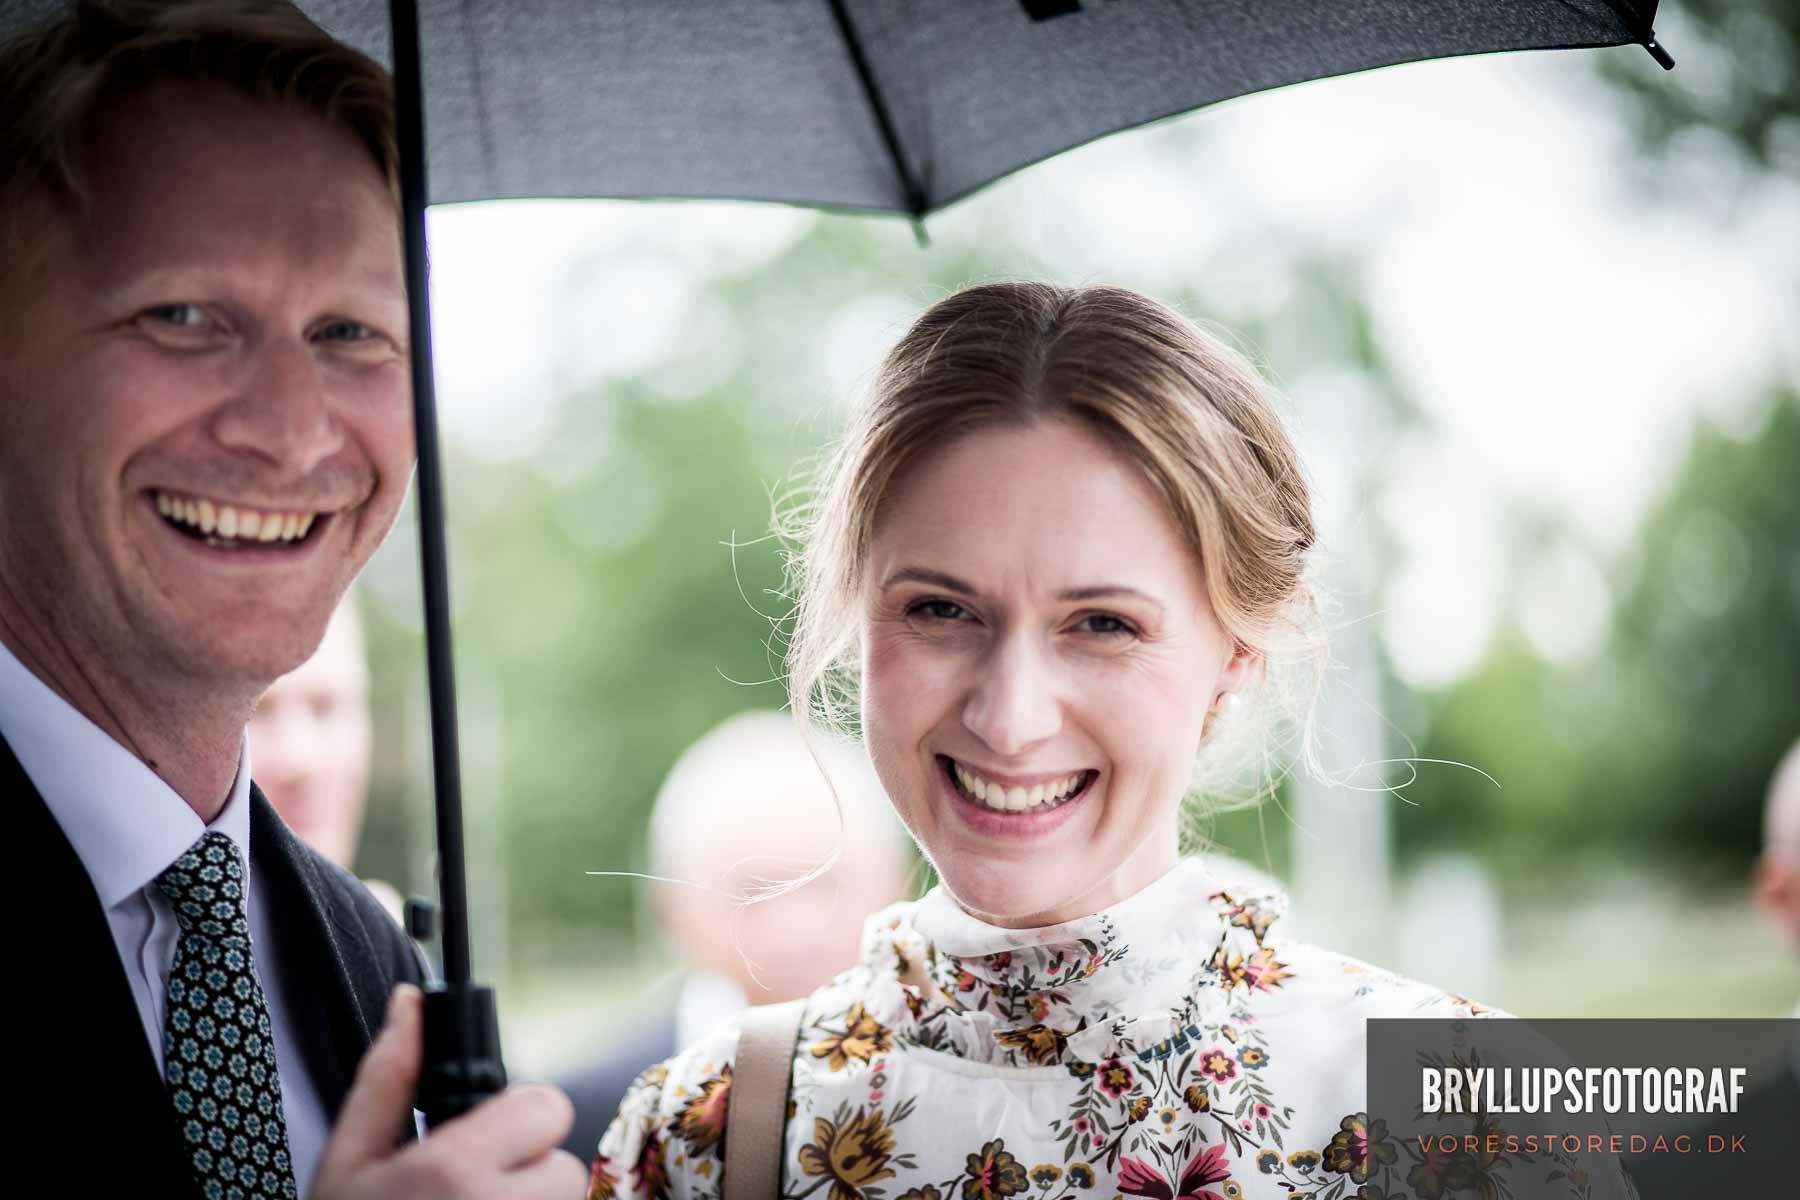 Bryllupsbilleder taget ved den Norske Sømandskirke